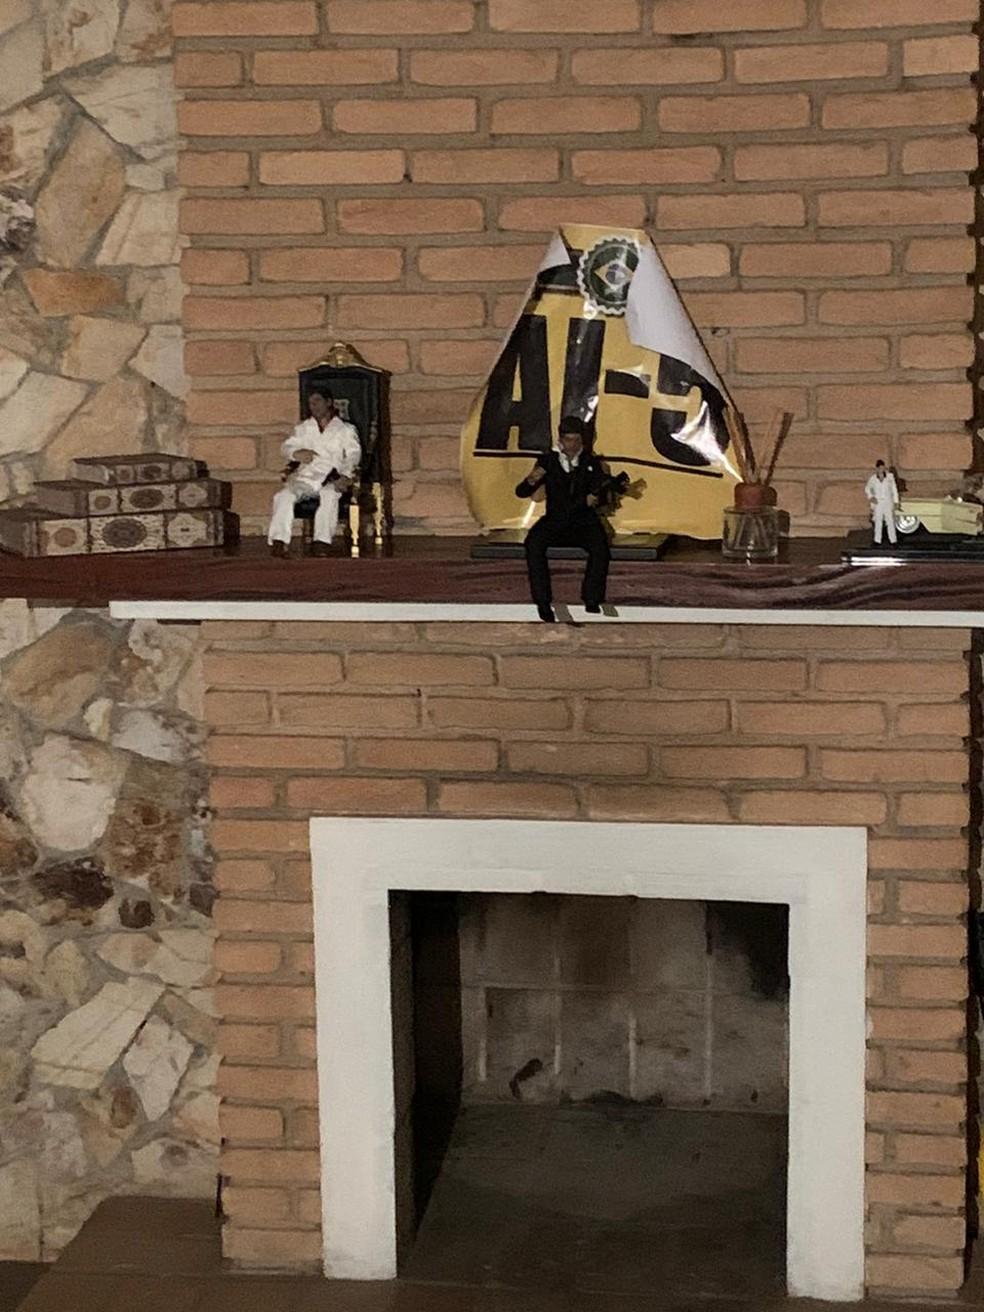 Menção ao AI-5 ao lado dos bonecos de Tony Montana, do filme Scarface — Foto: Divulgação/Polícia Civil